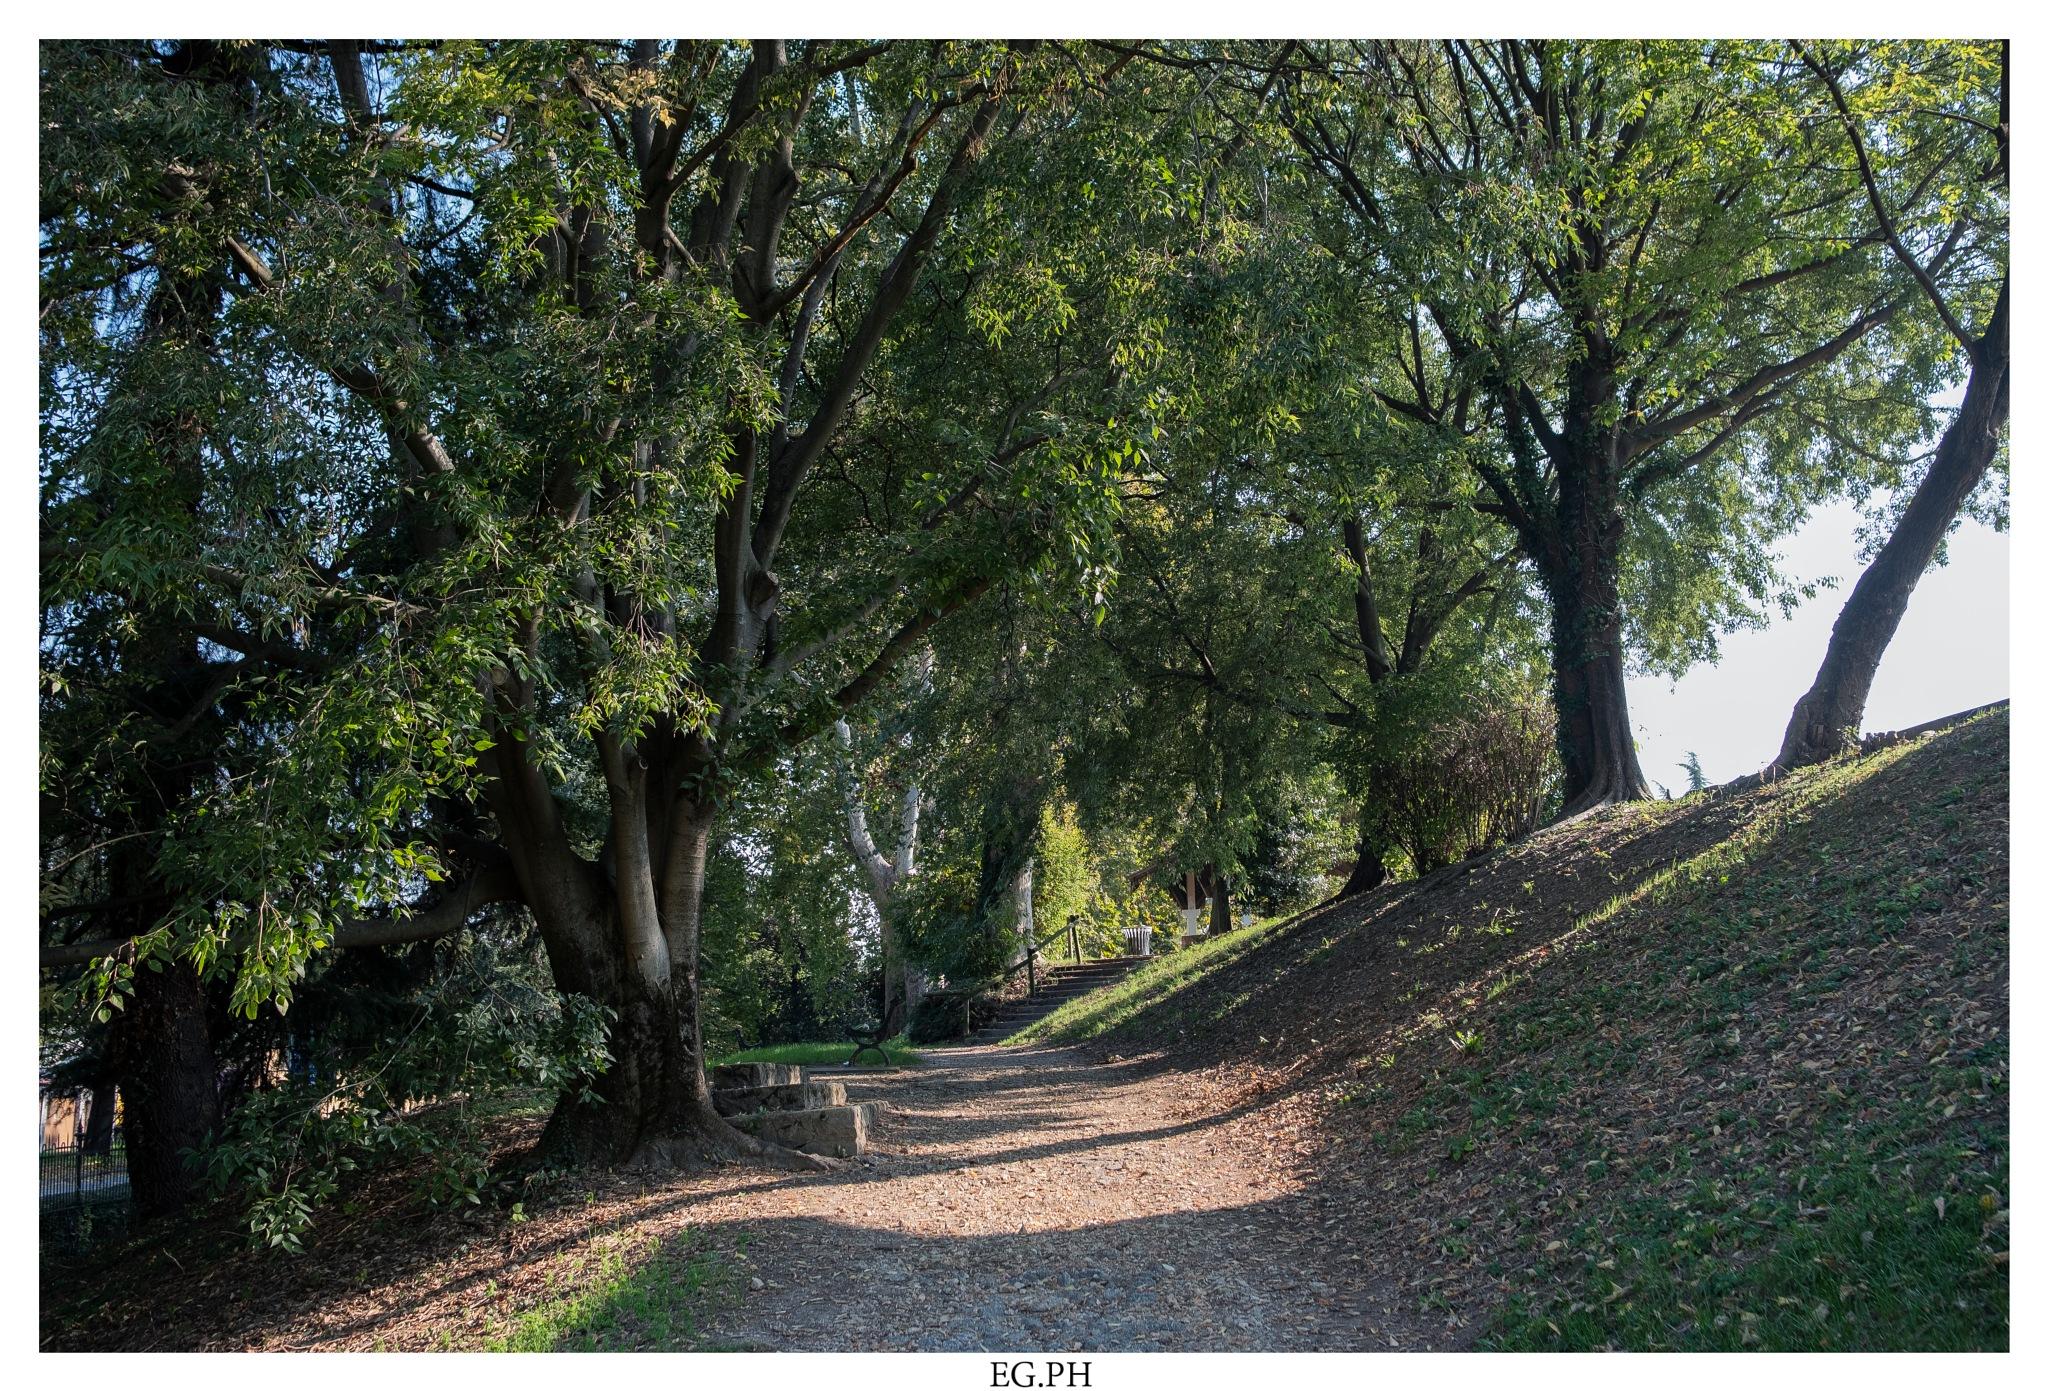 Park by Enrico Giacon